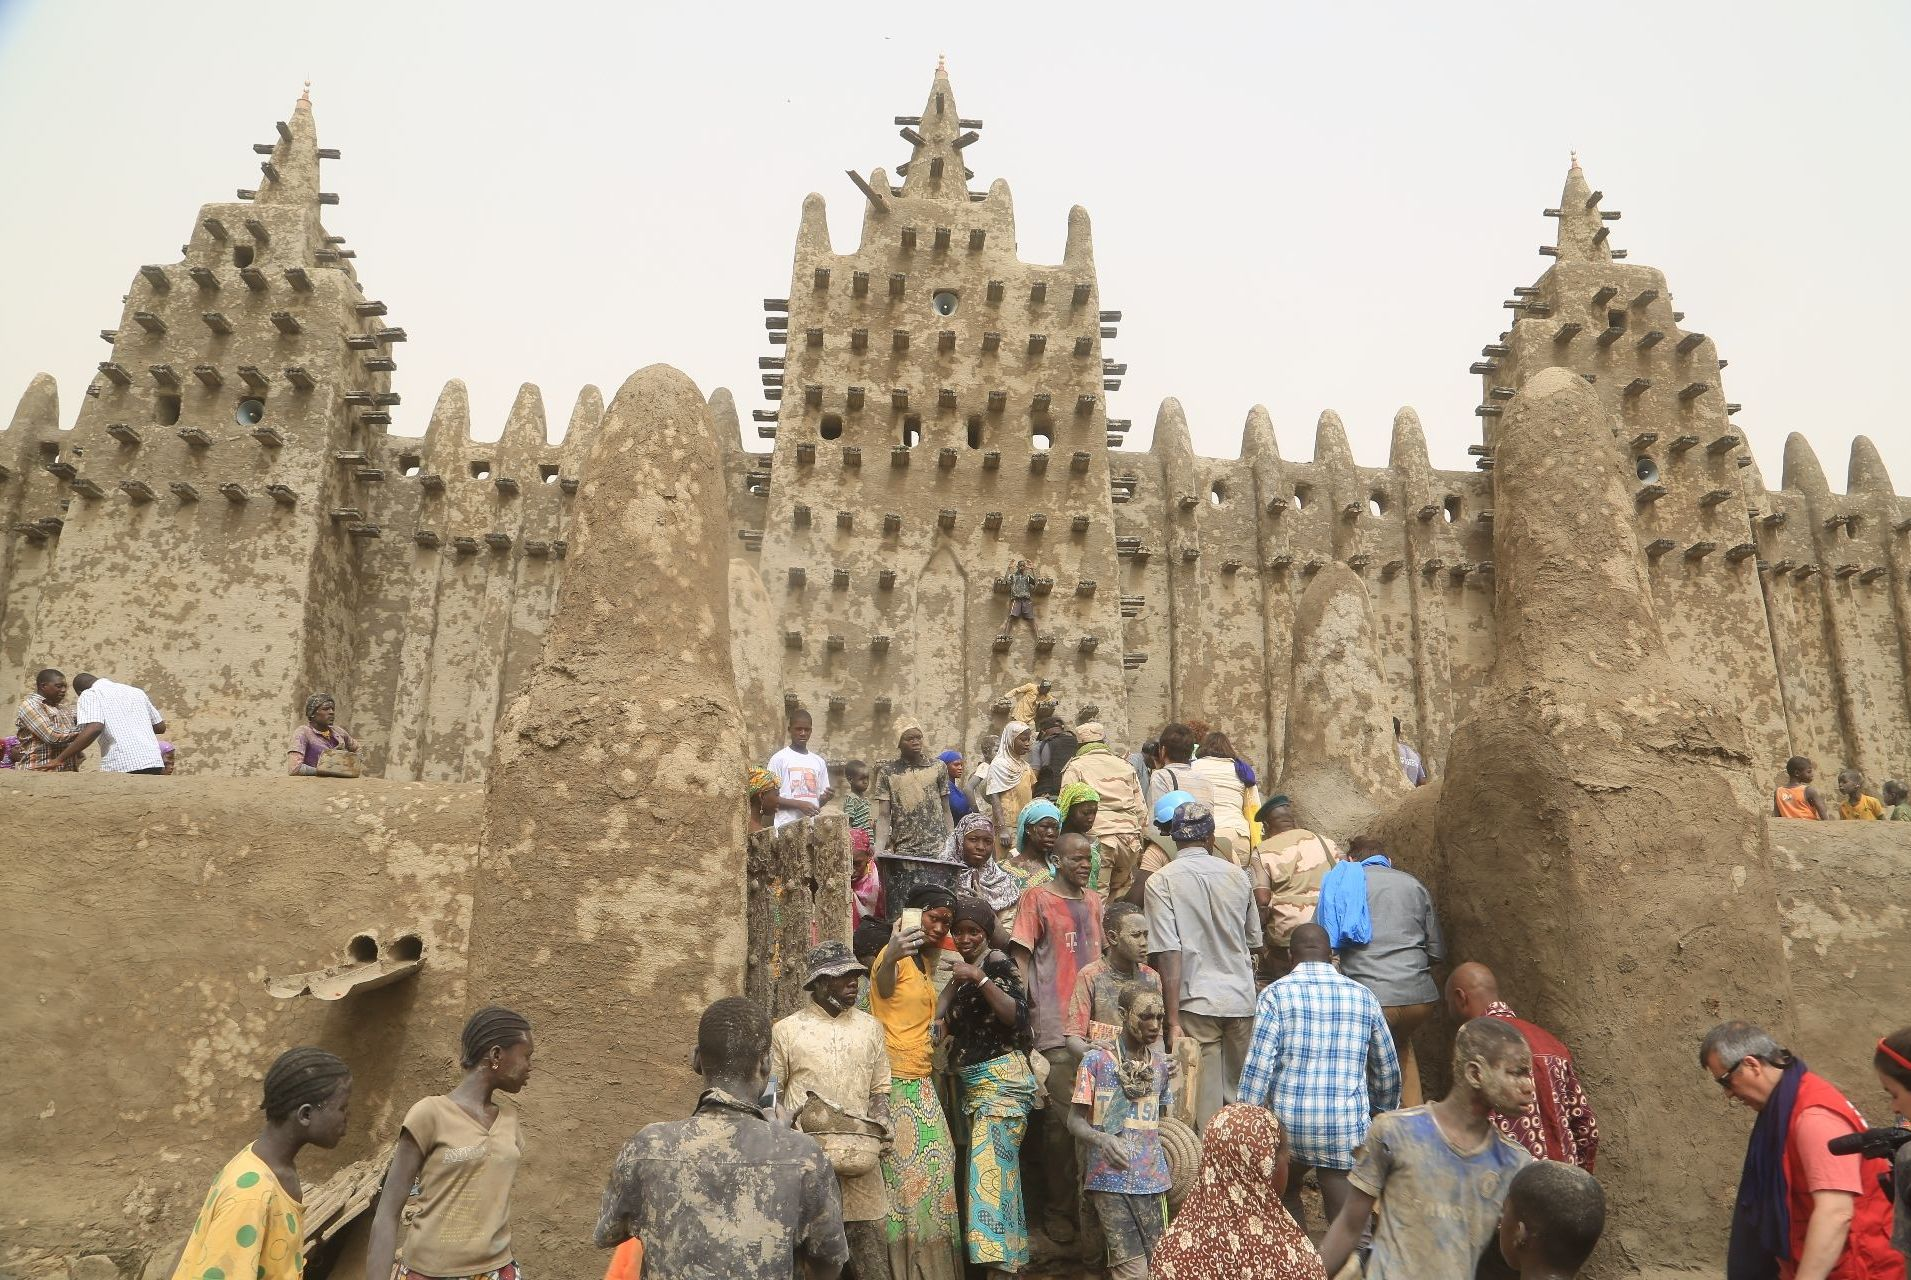 Des habitants de Djenné, au Mali, participent au crépissage de leur mosquée, le 28 avril 2019.